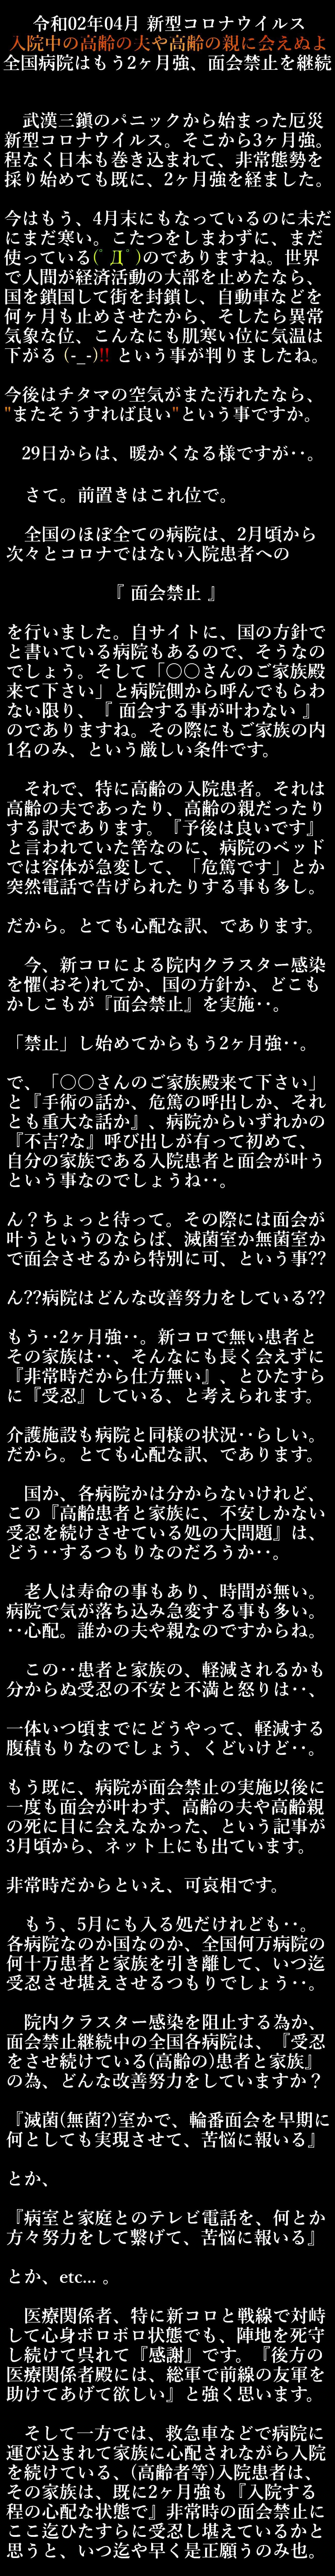 f:id:oomoroitakugoro:202004300438109e5j:plain